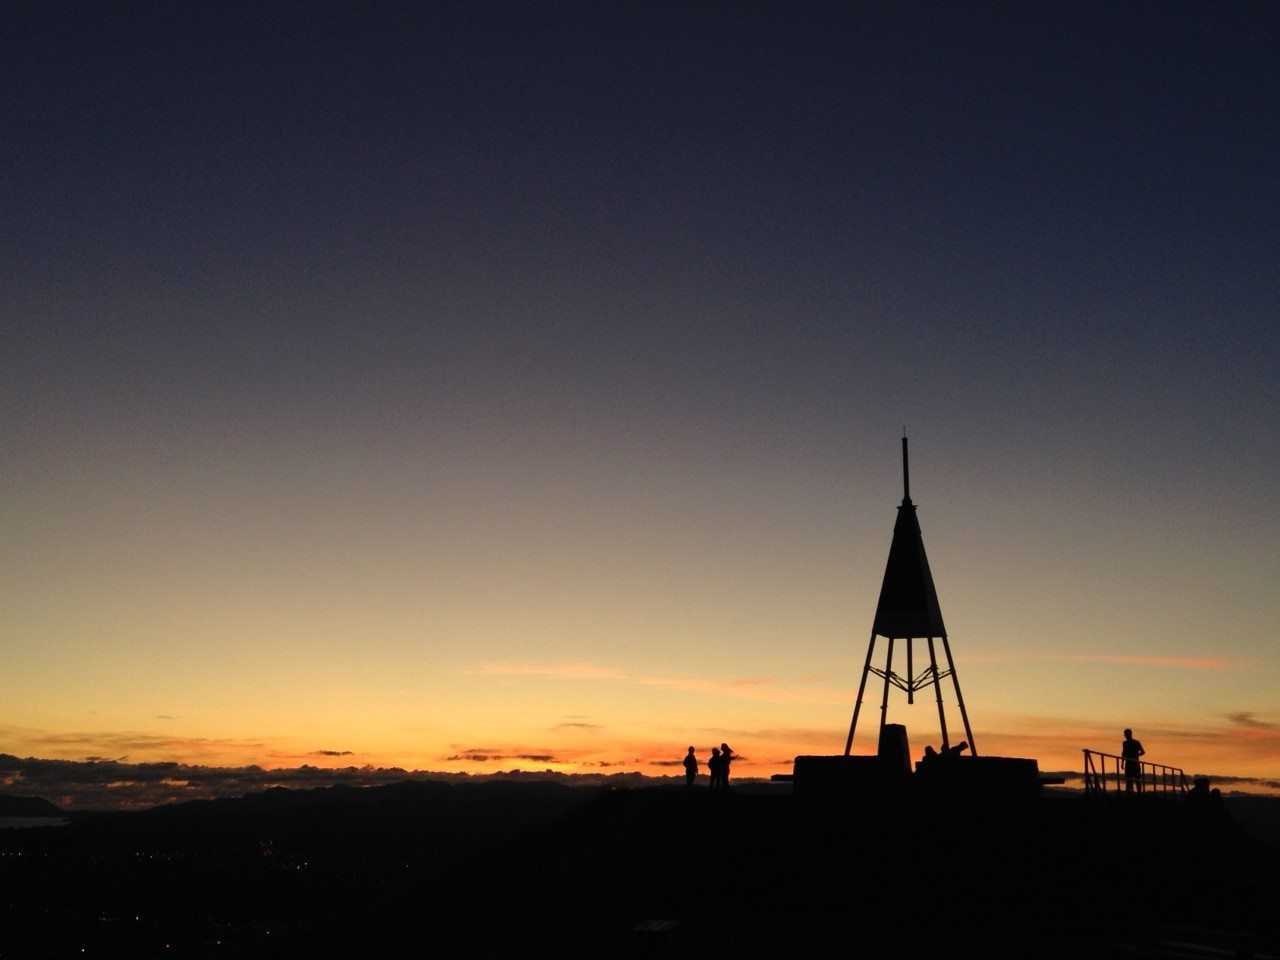 マウント・イーデンの夕焼け